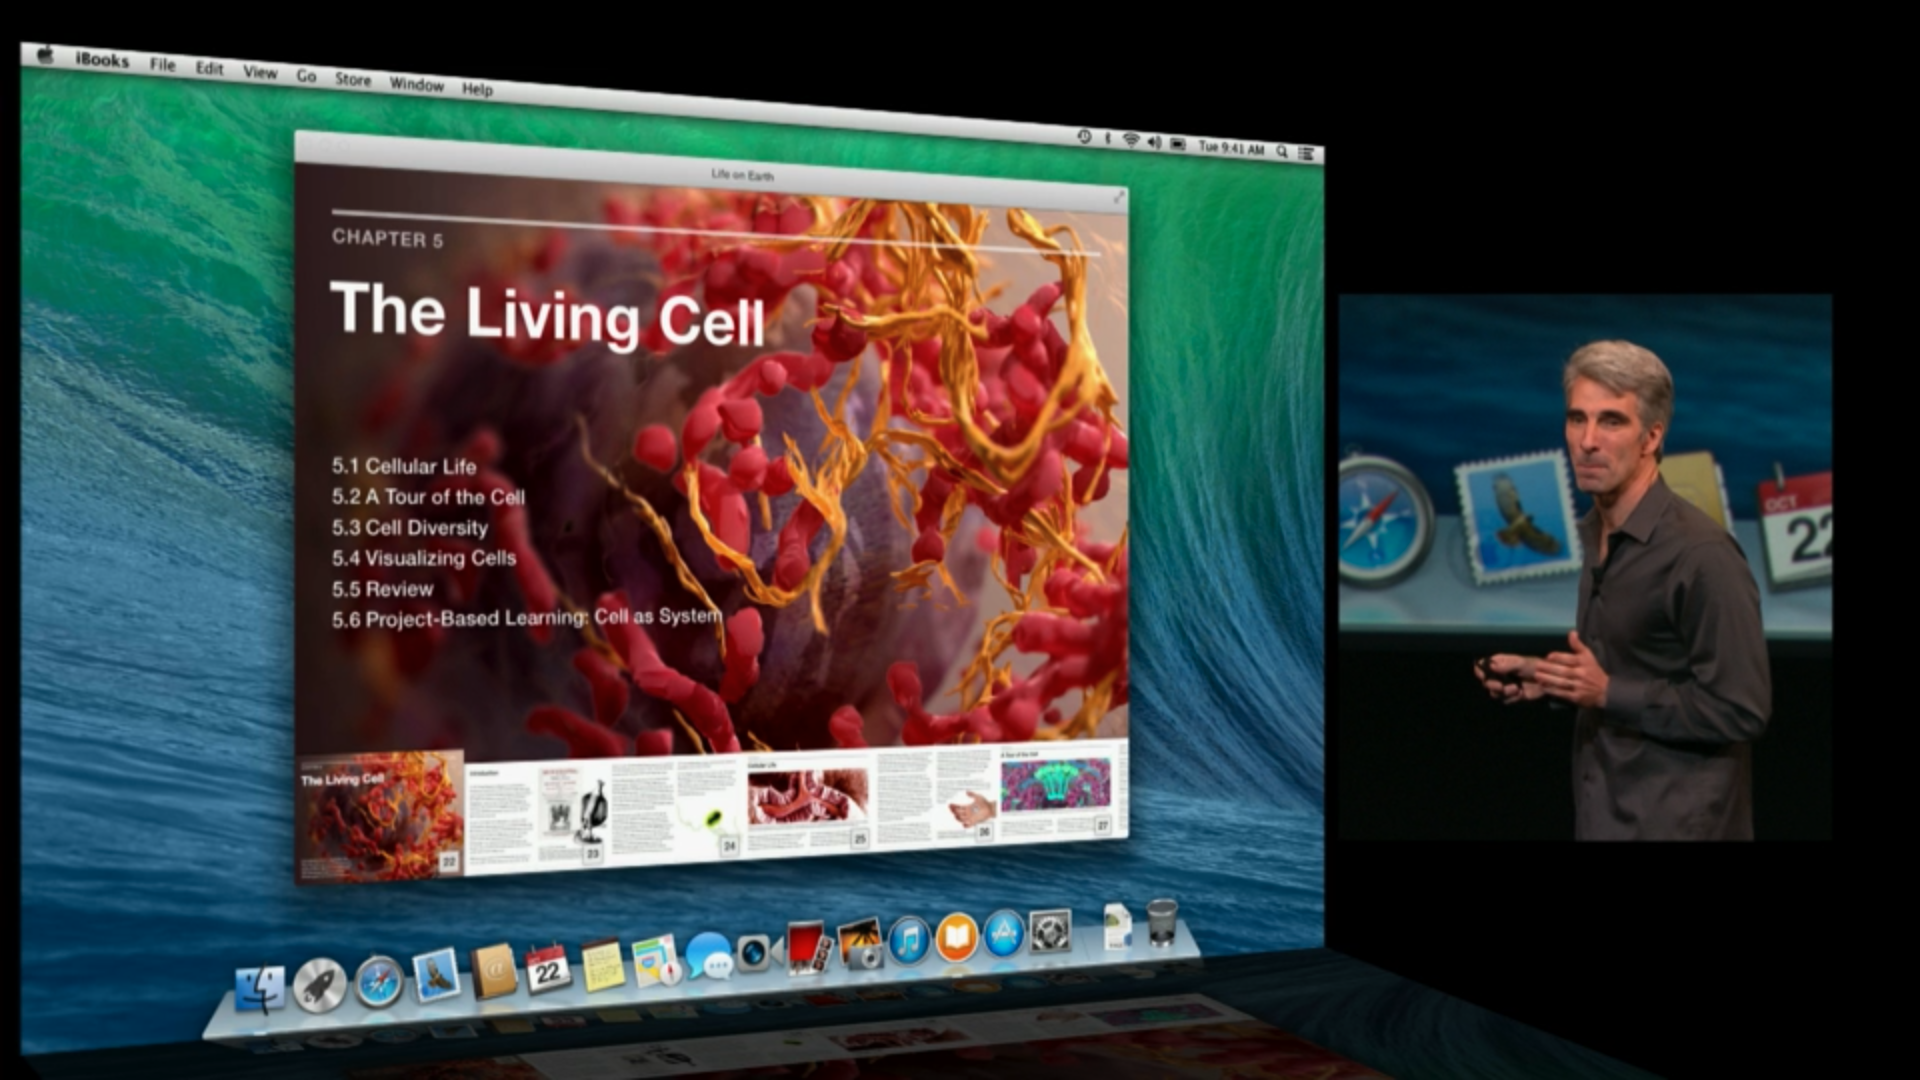 apple-ipad-event-ibooks